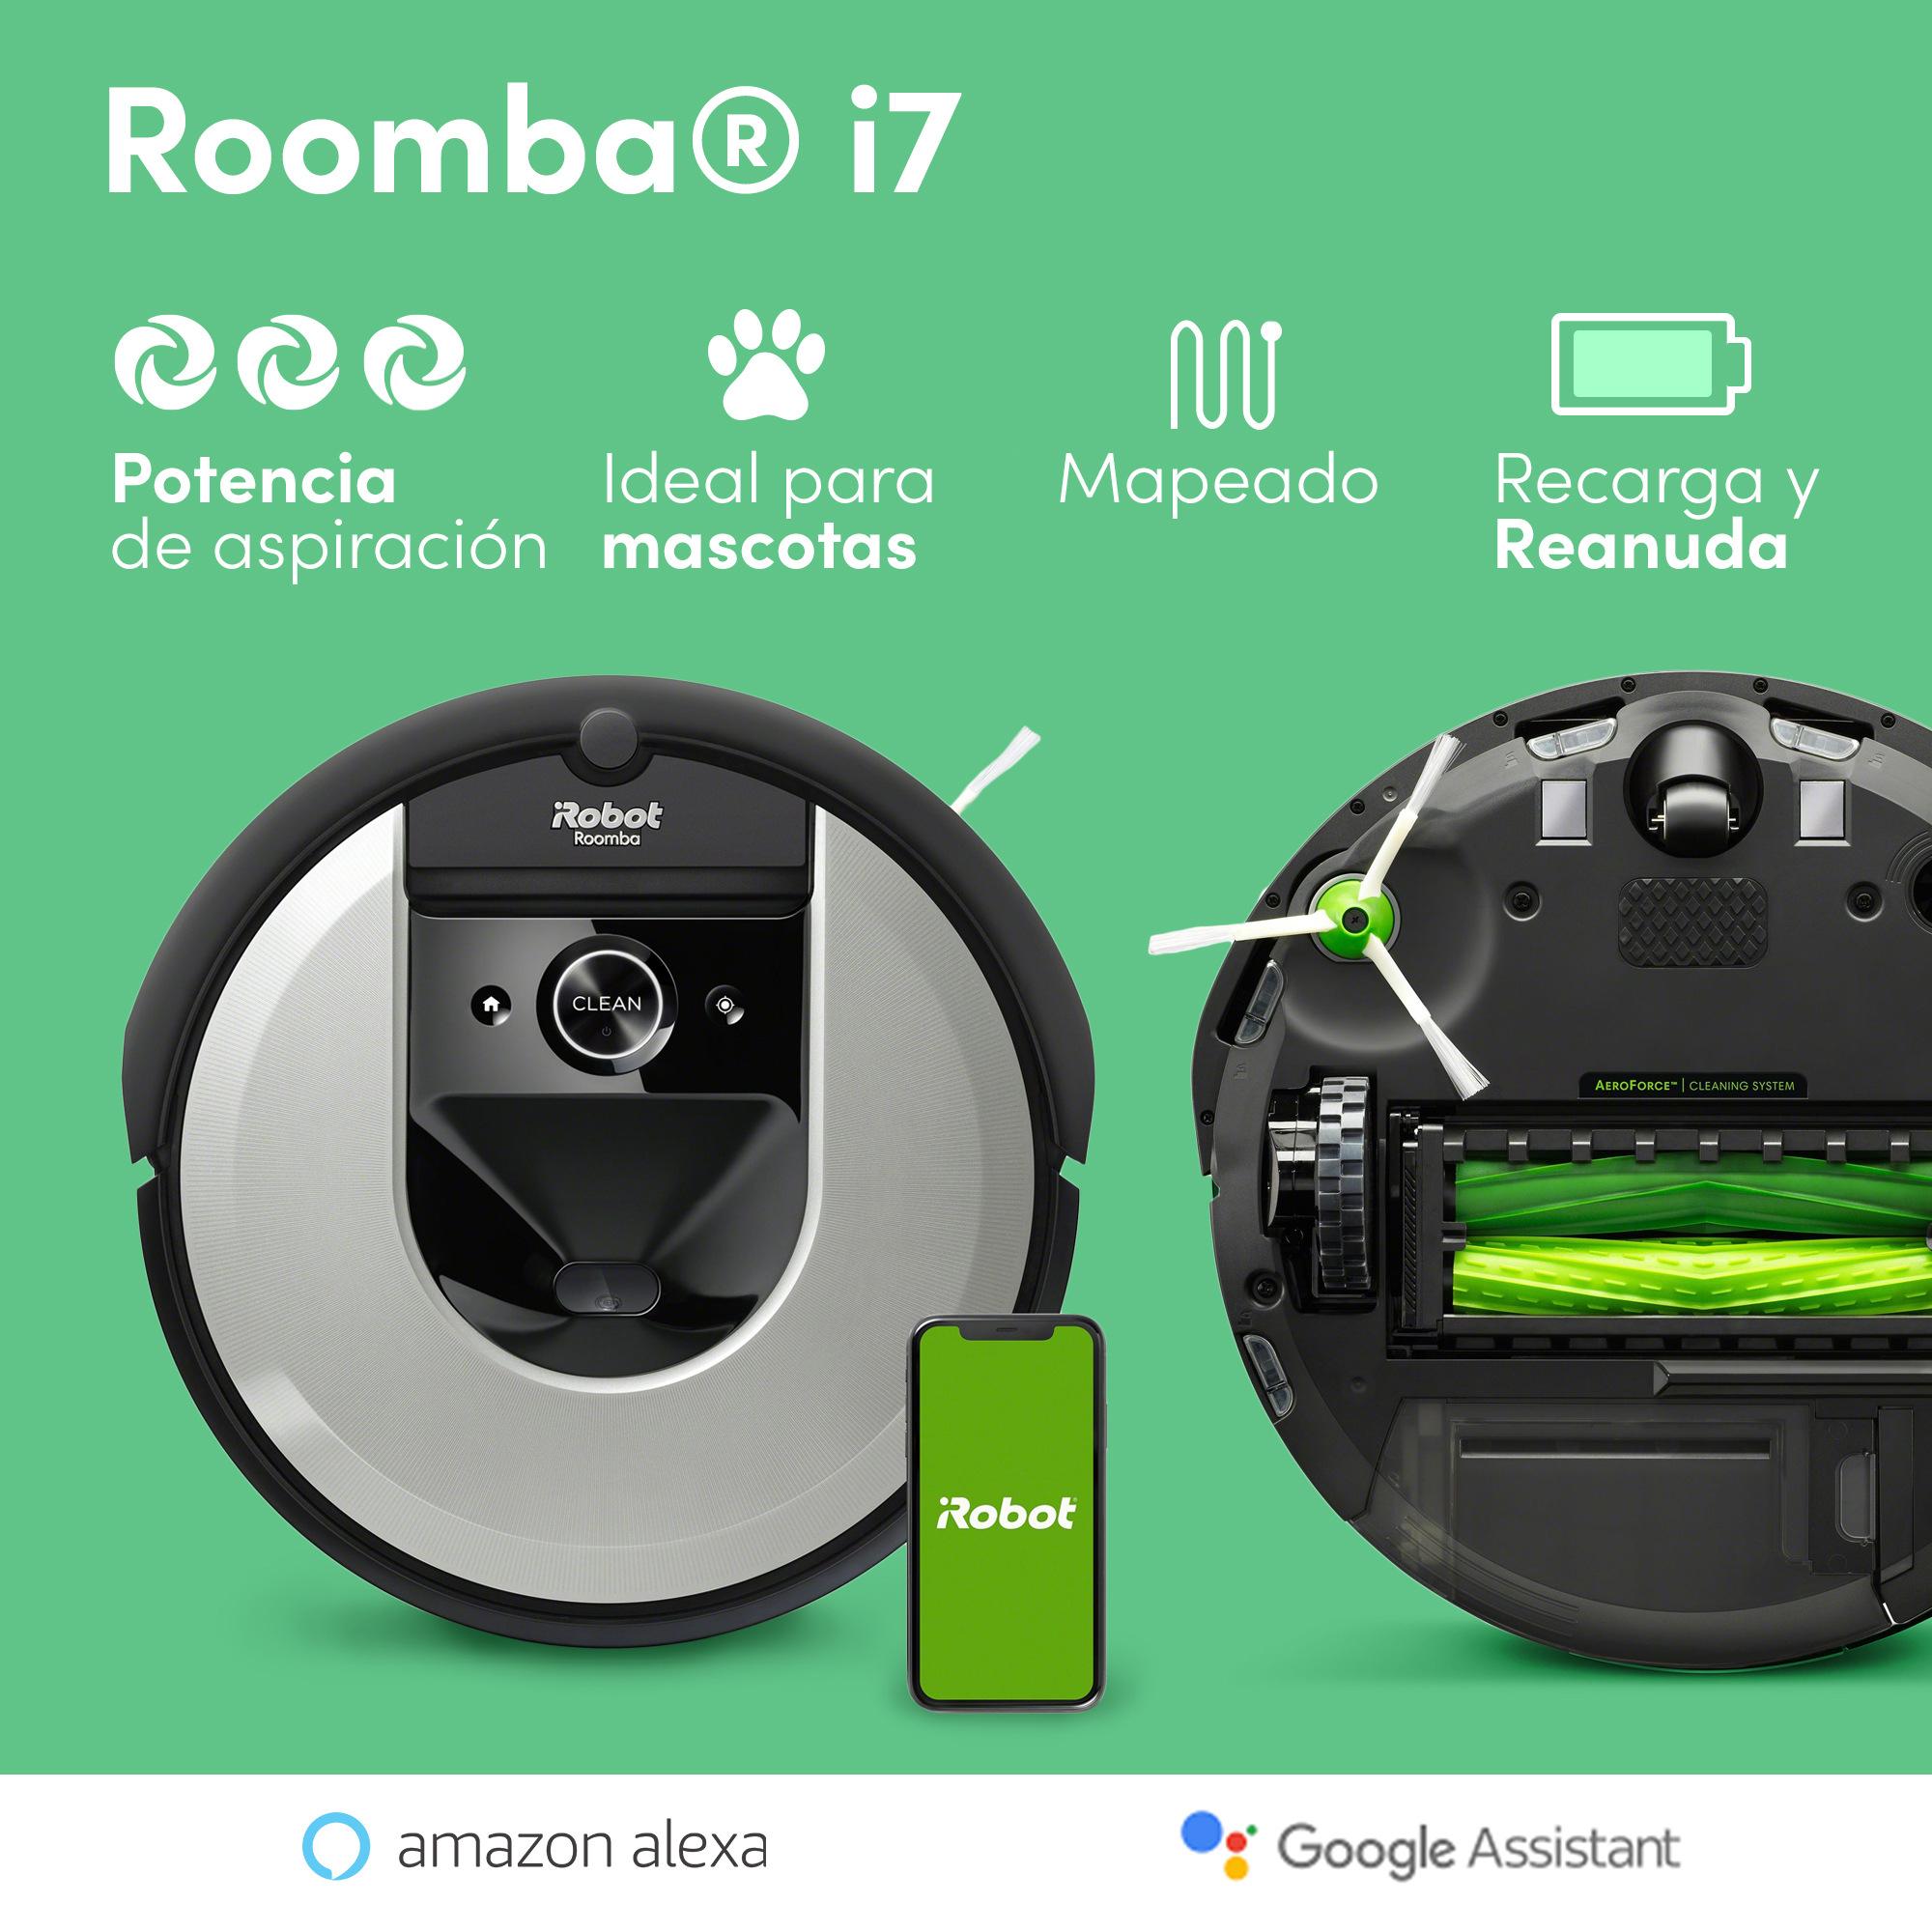 Roomba i7 - Ideal para personalizar las zonas de limpieza - Autonomia inicial 75 min